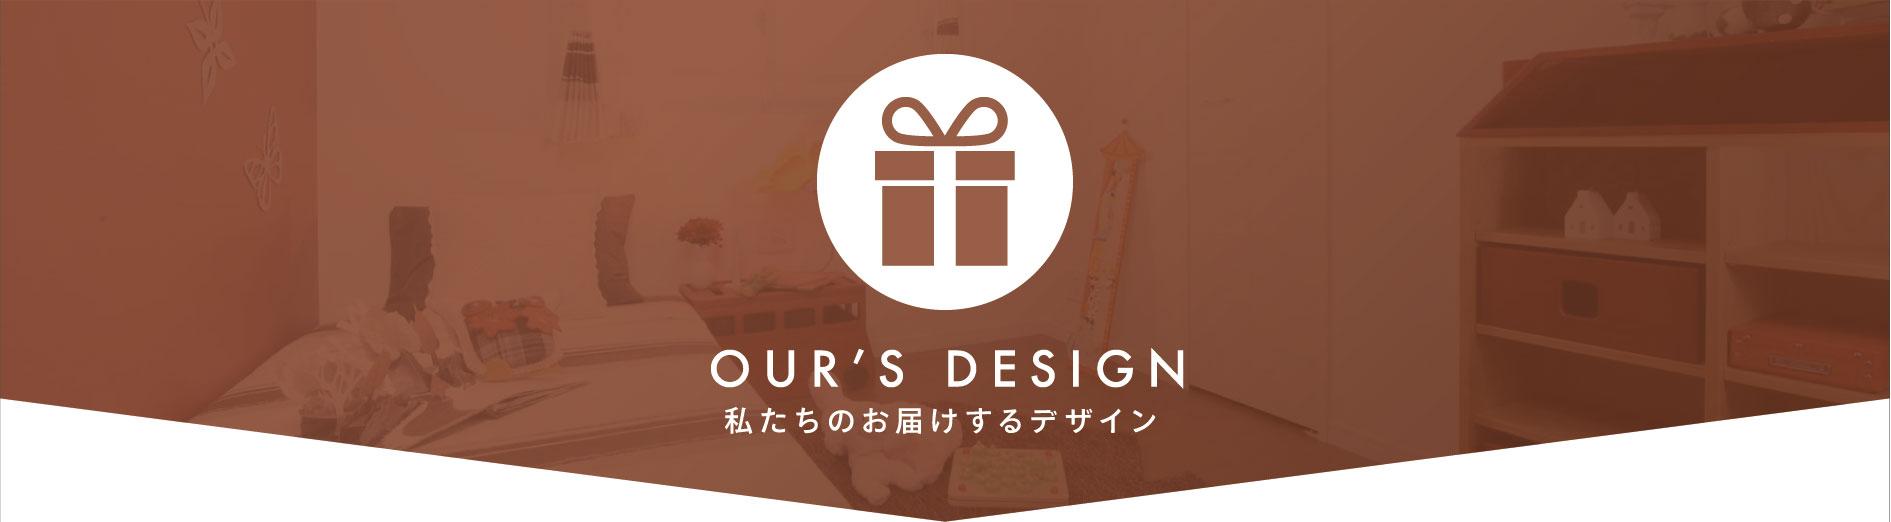 私たちのお届けするデザイン